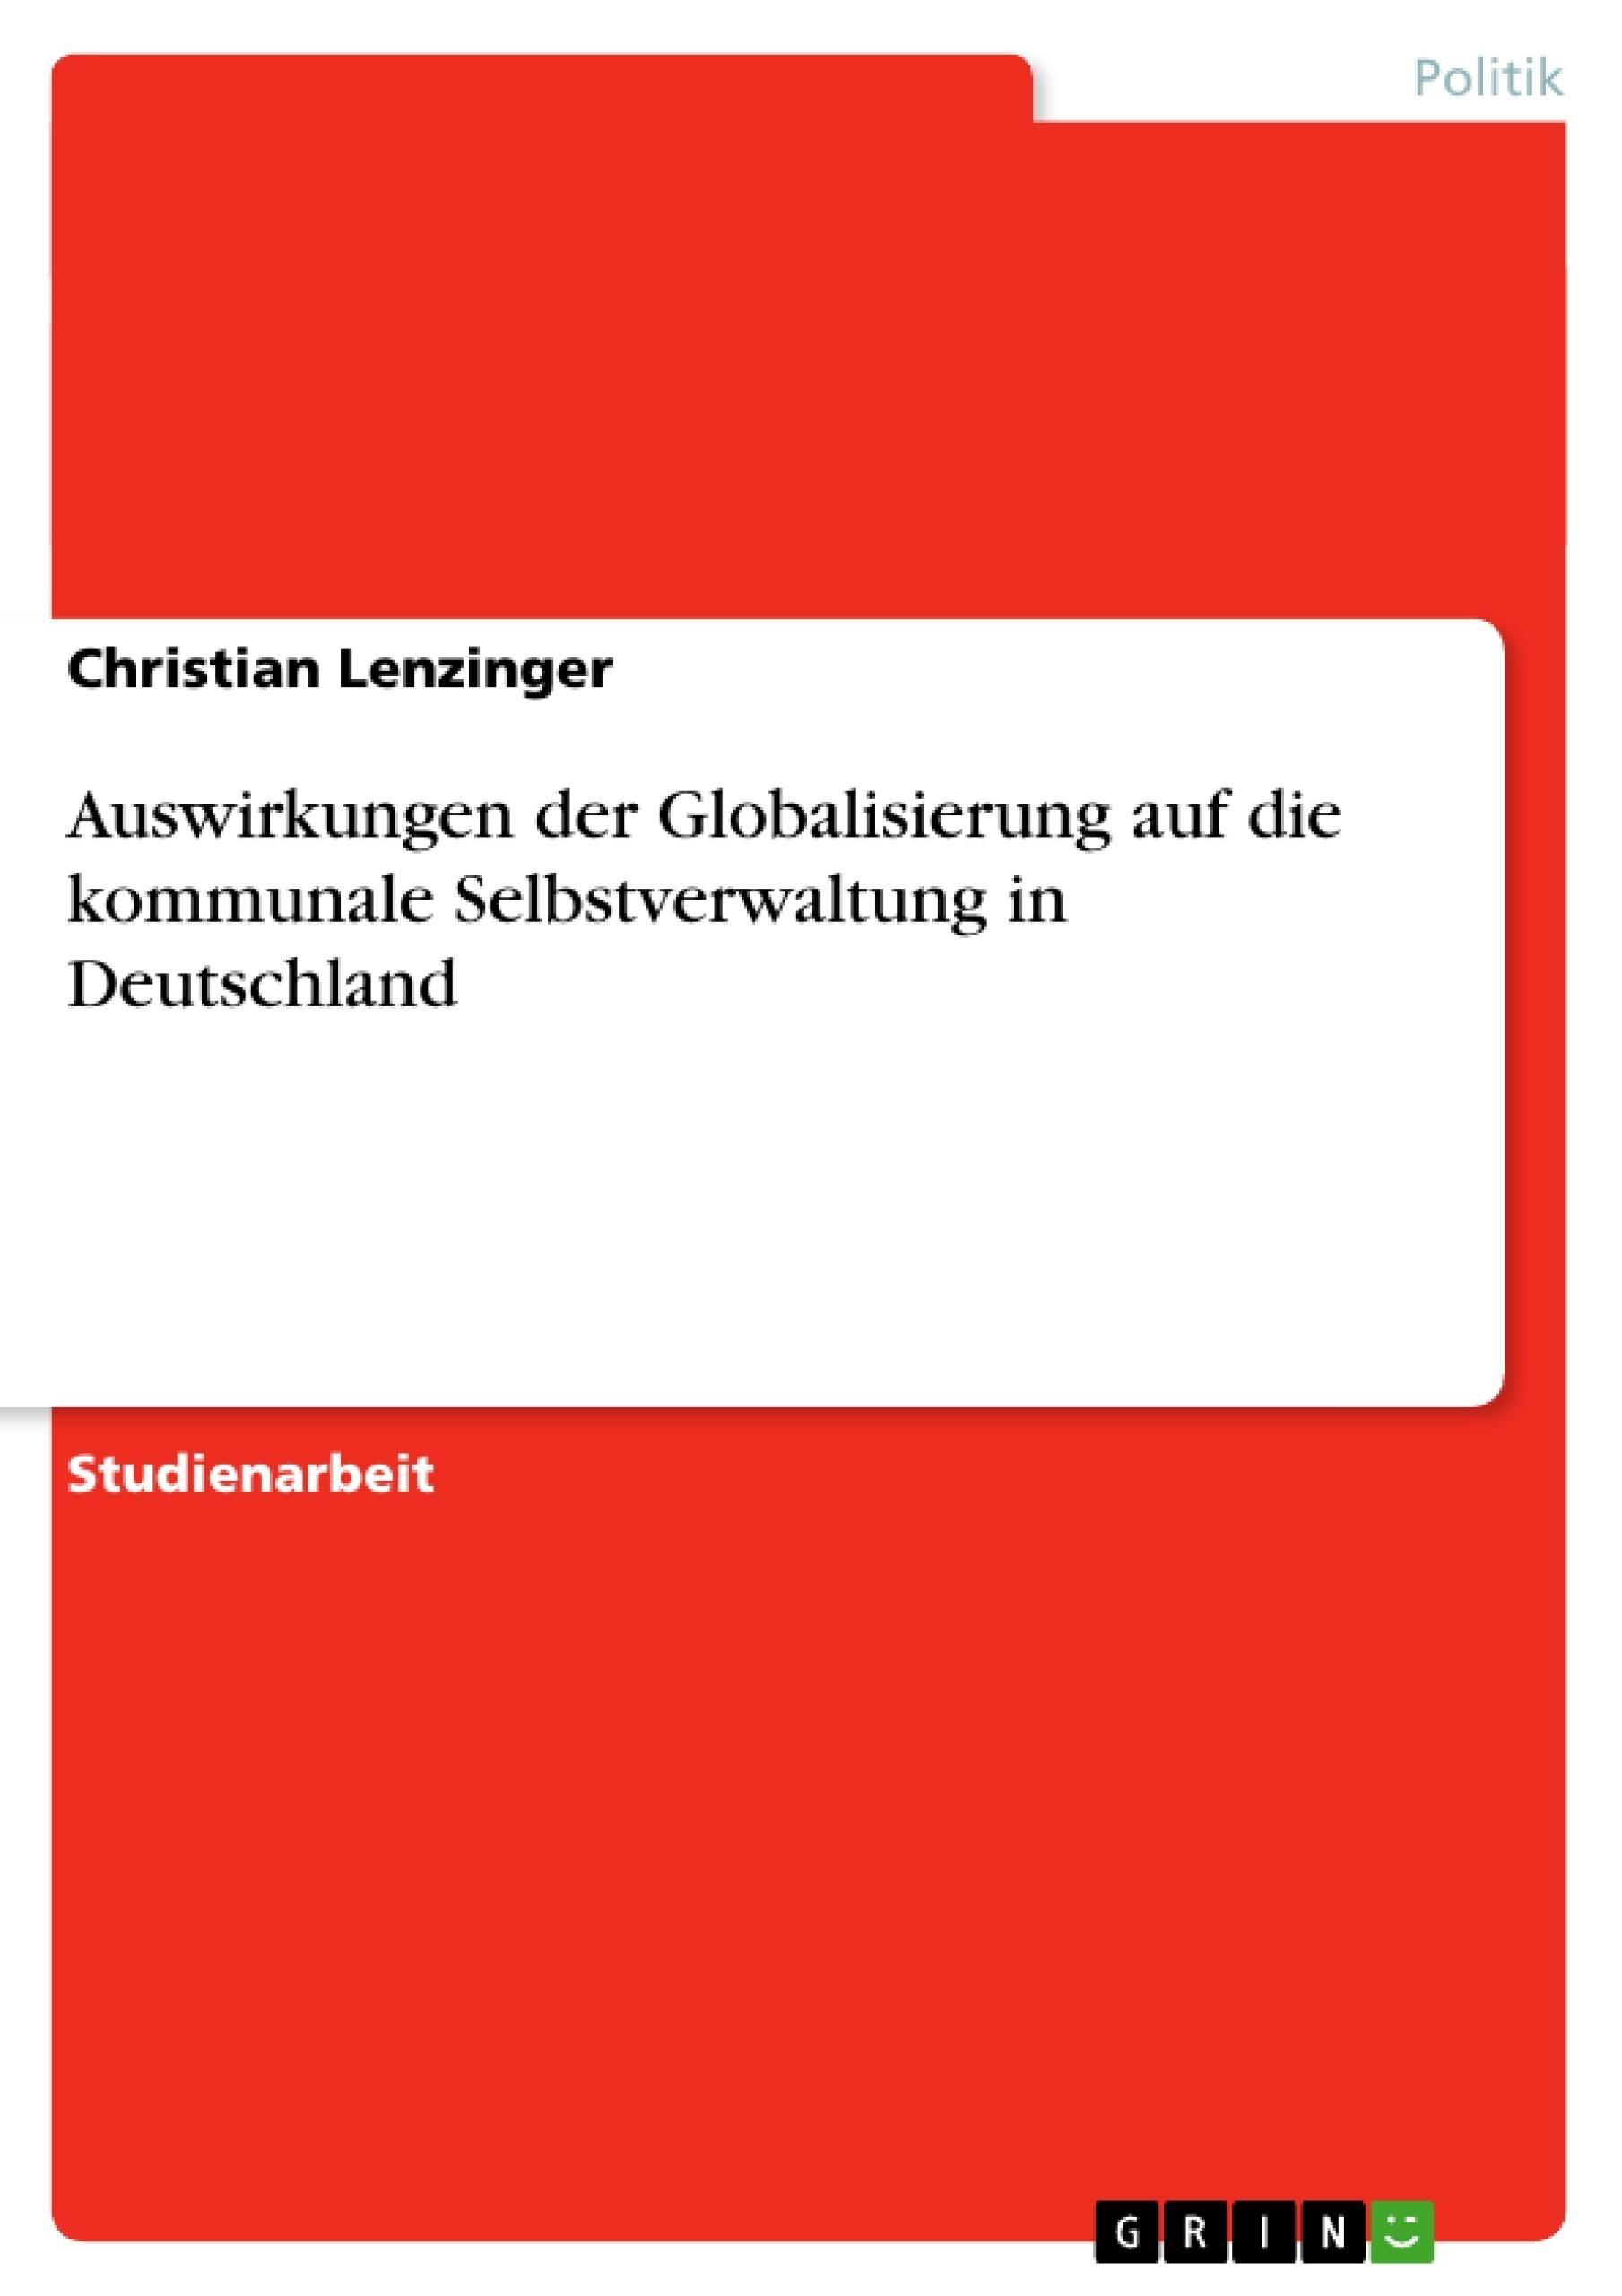 Titel: Auswirkungen der Globalisierung auf die kommunale Selbstverwaltung in Deutschland